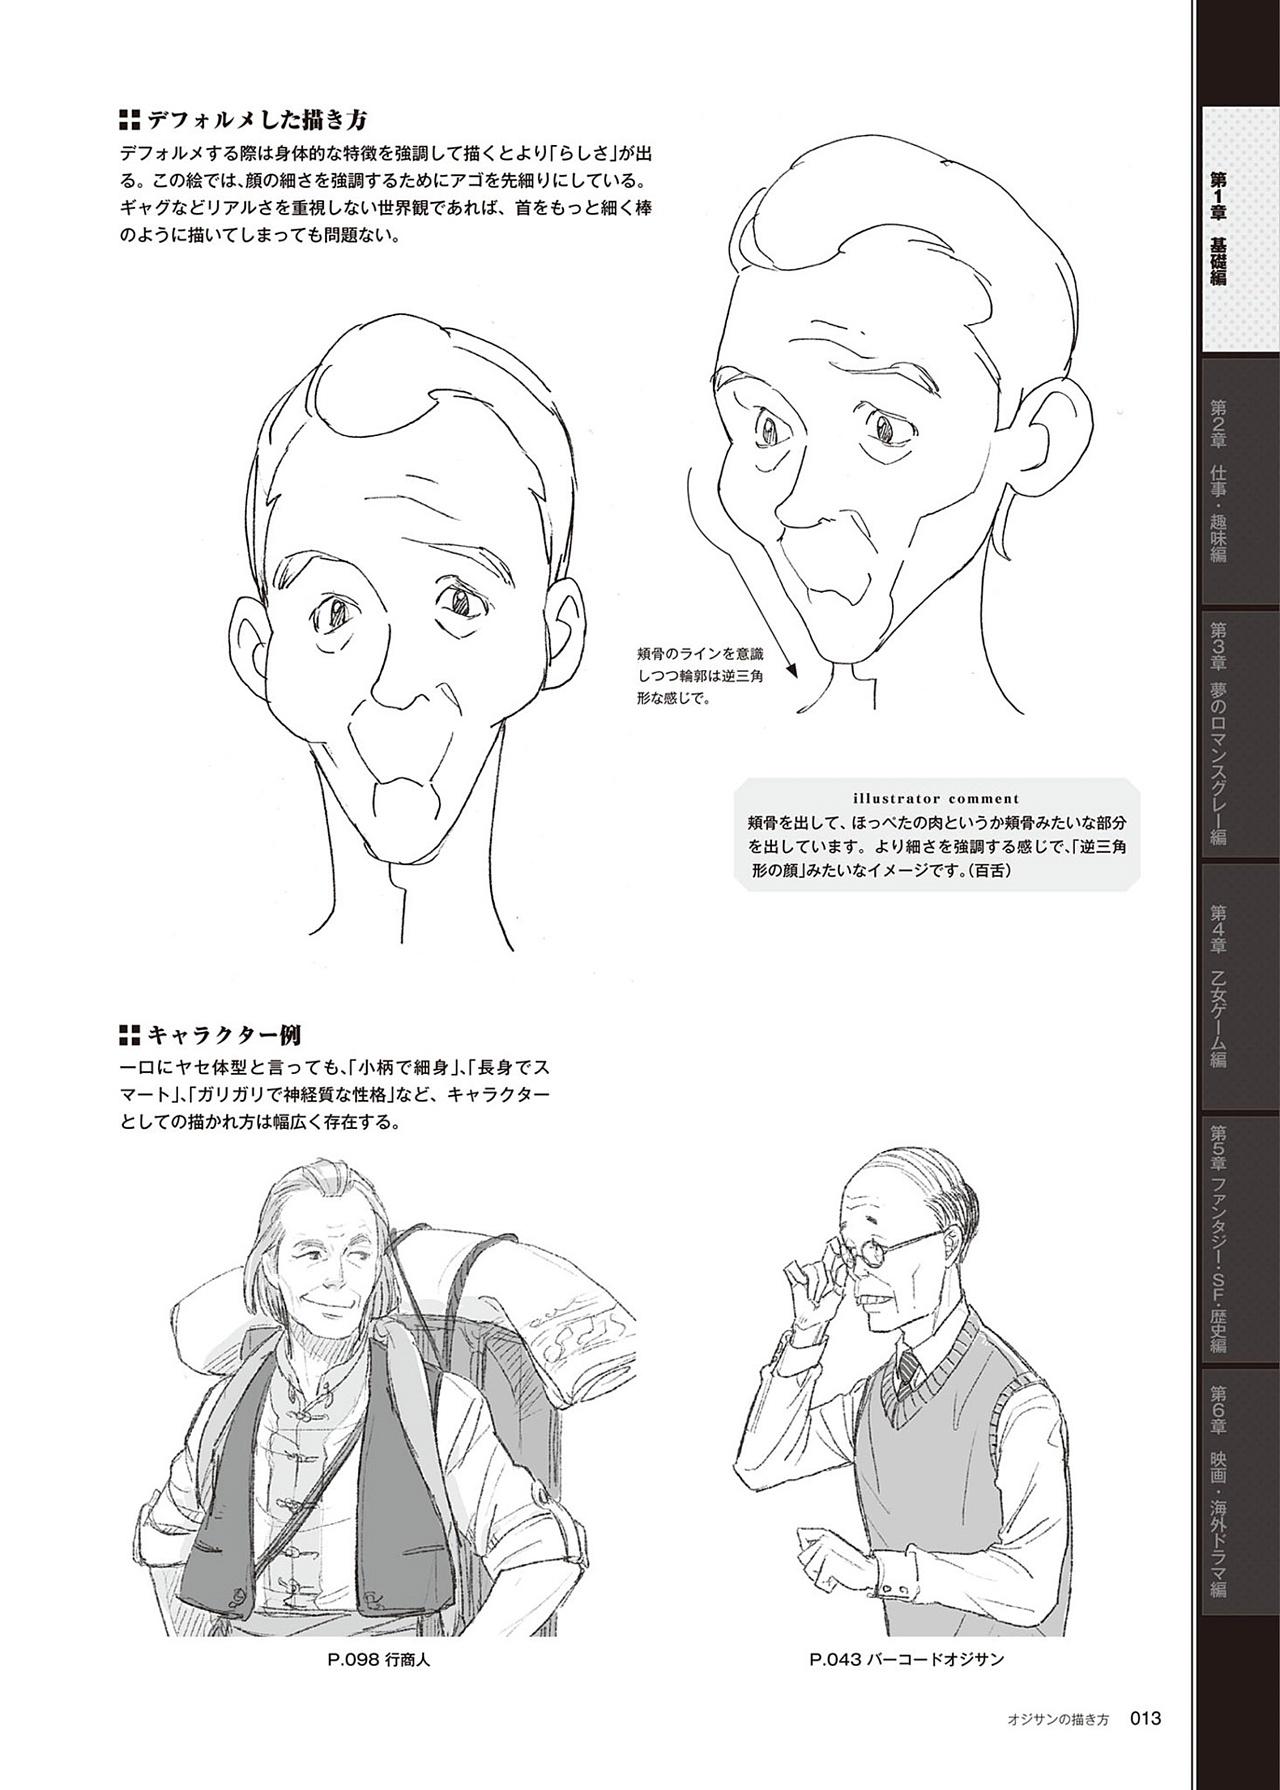 动漫中老年人角色怎么画?